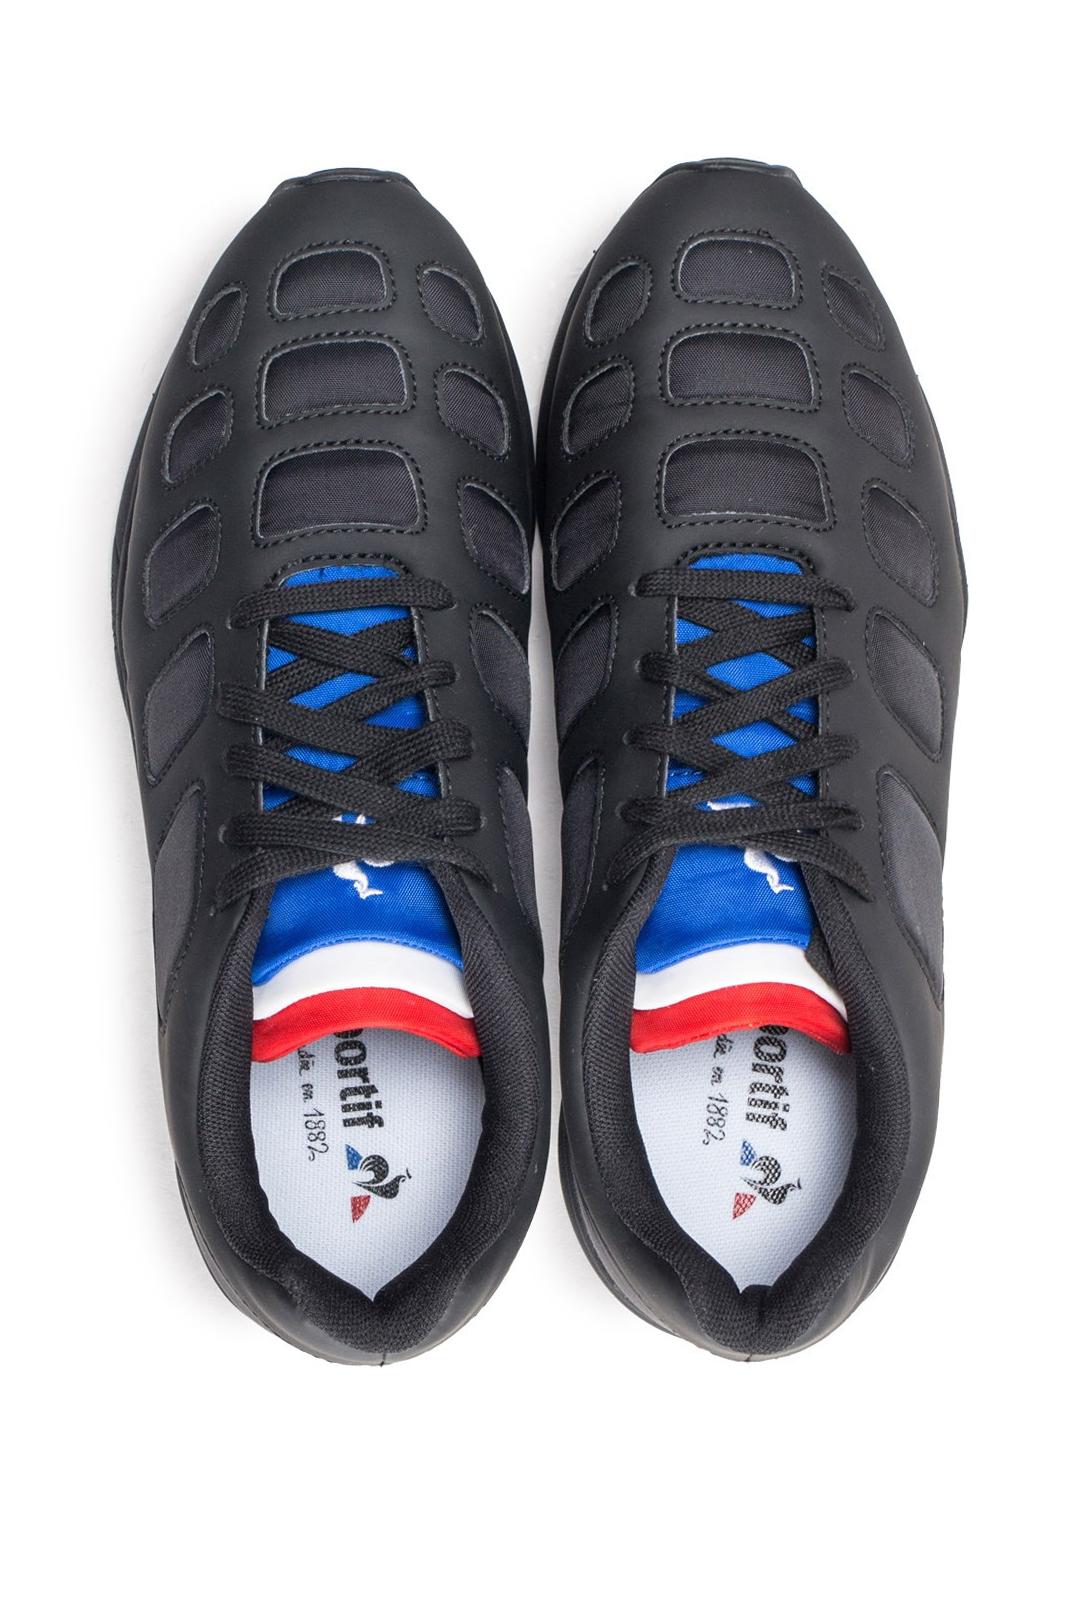 Baskets / Sport  Le coq sportif 1910461 ZEPP MONOCHROME BBR triple black